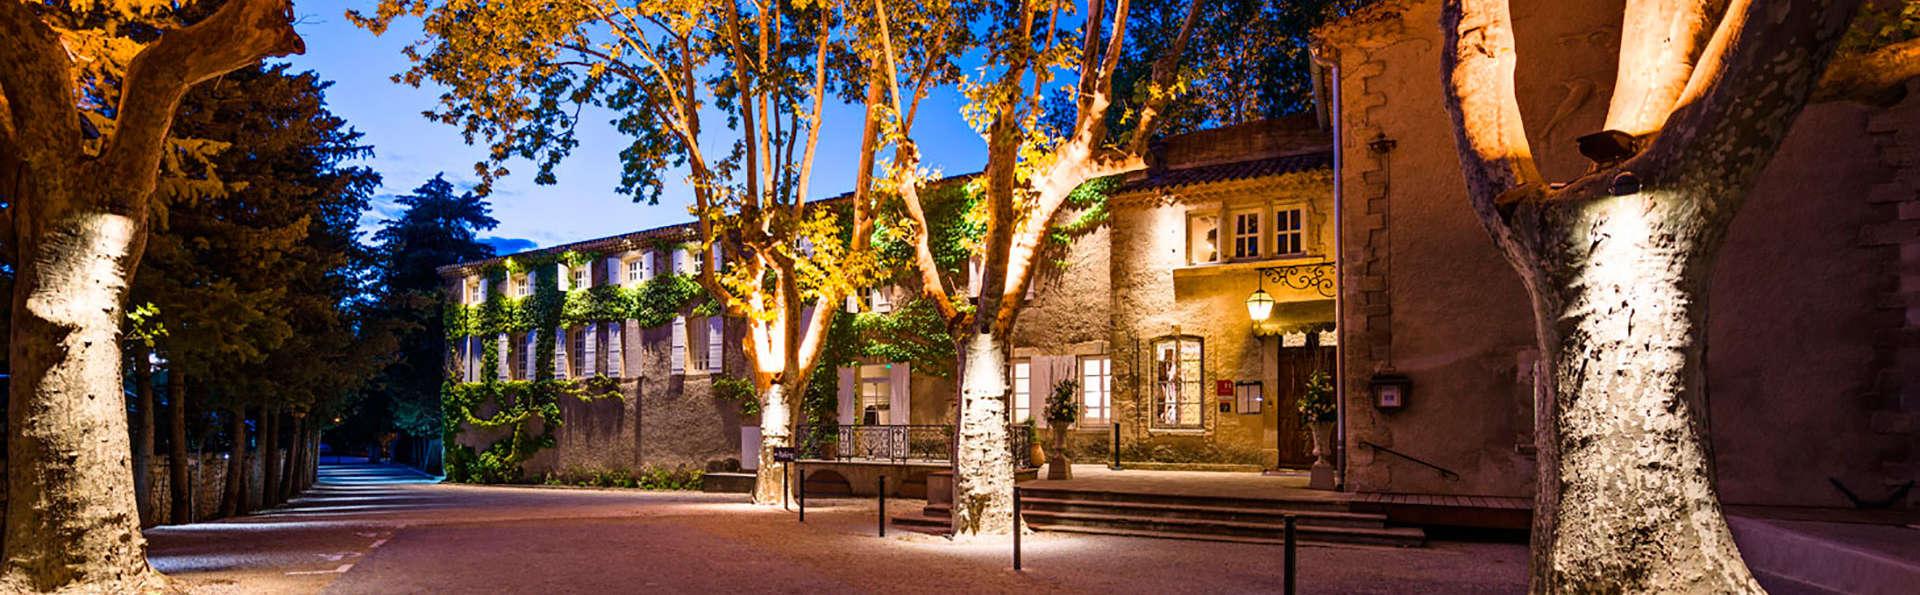 Le Moulin de Vernègues Hôtel et Spa Les Collectionneurs - EDIT_front.jpg